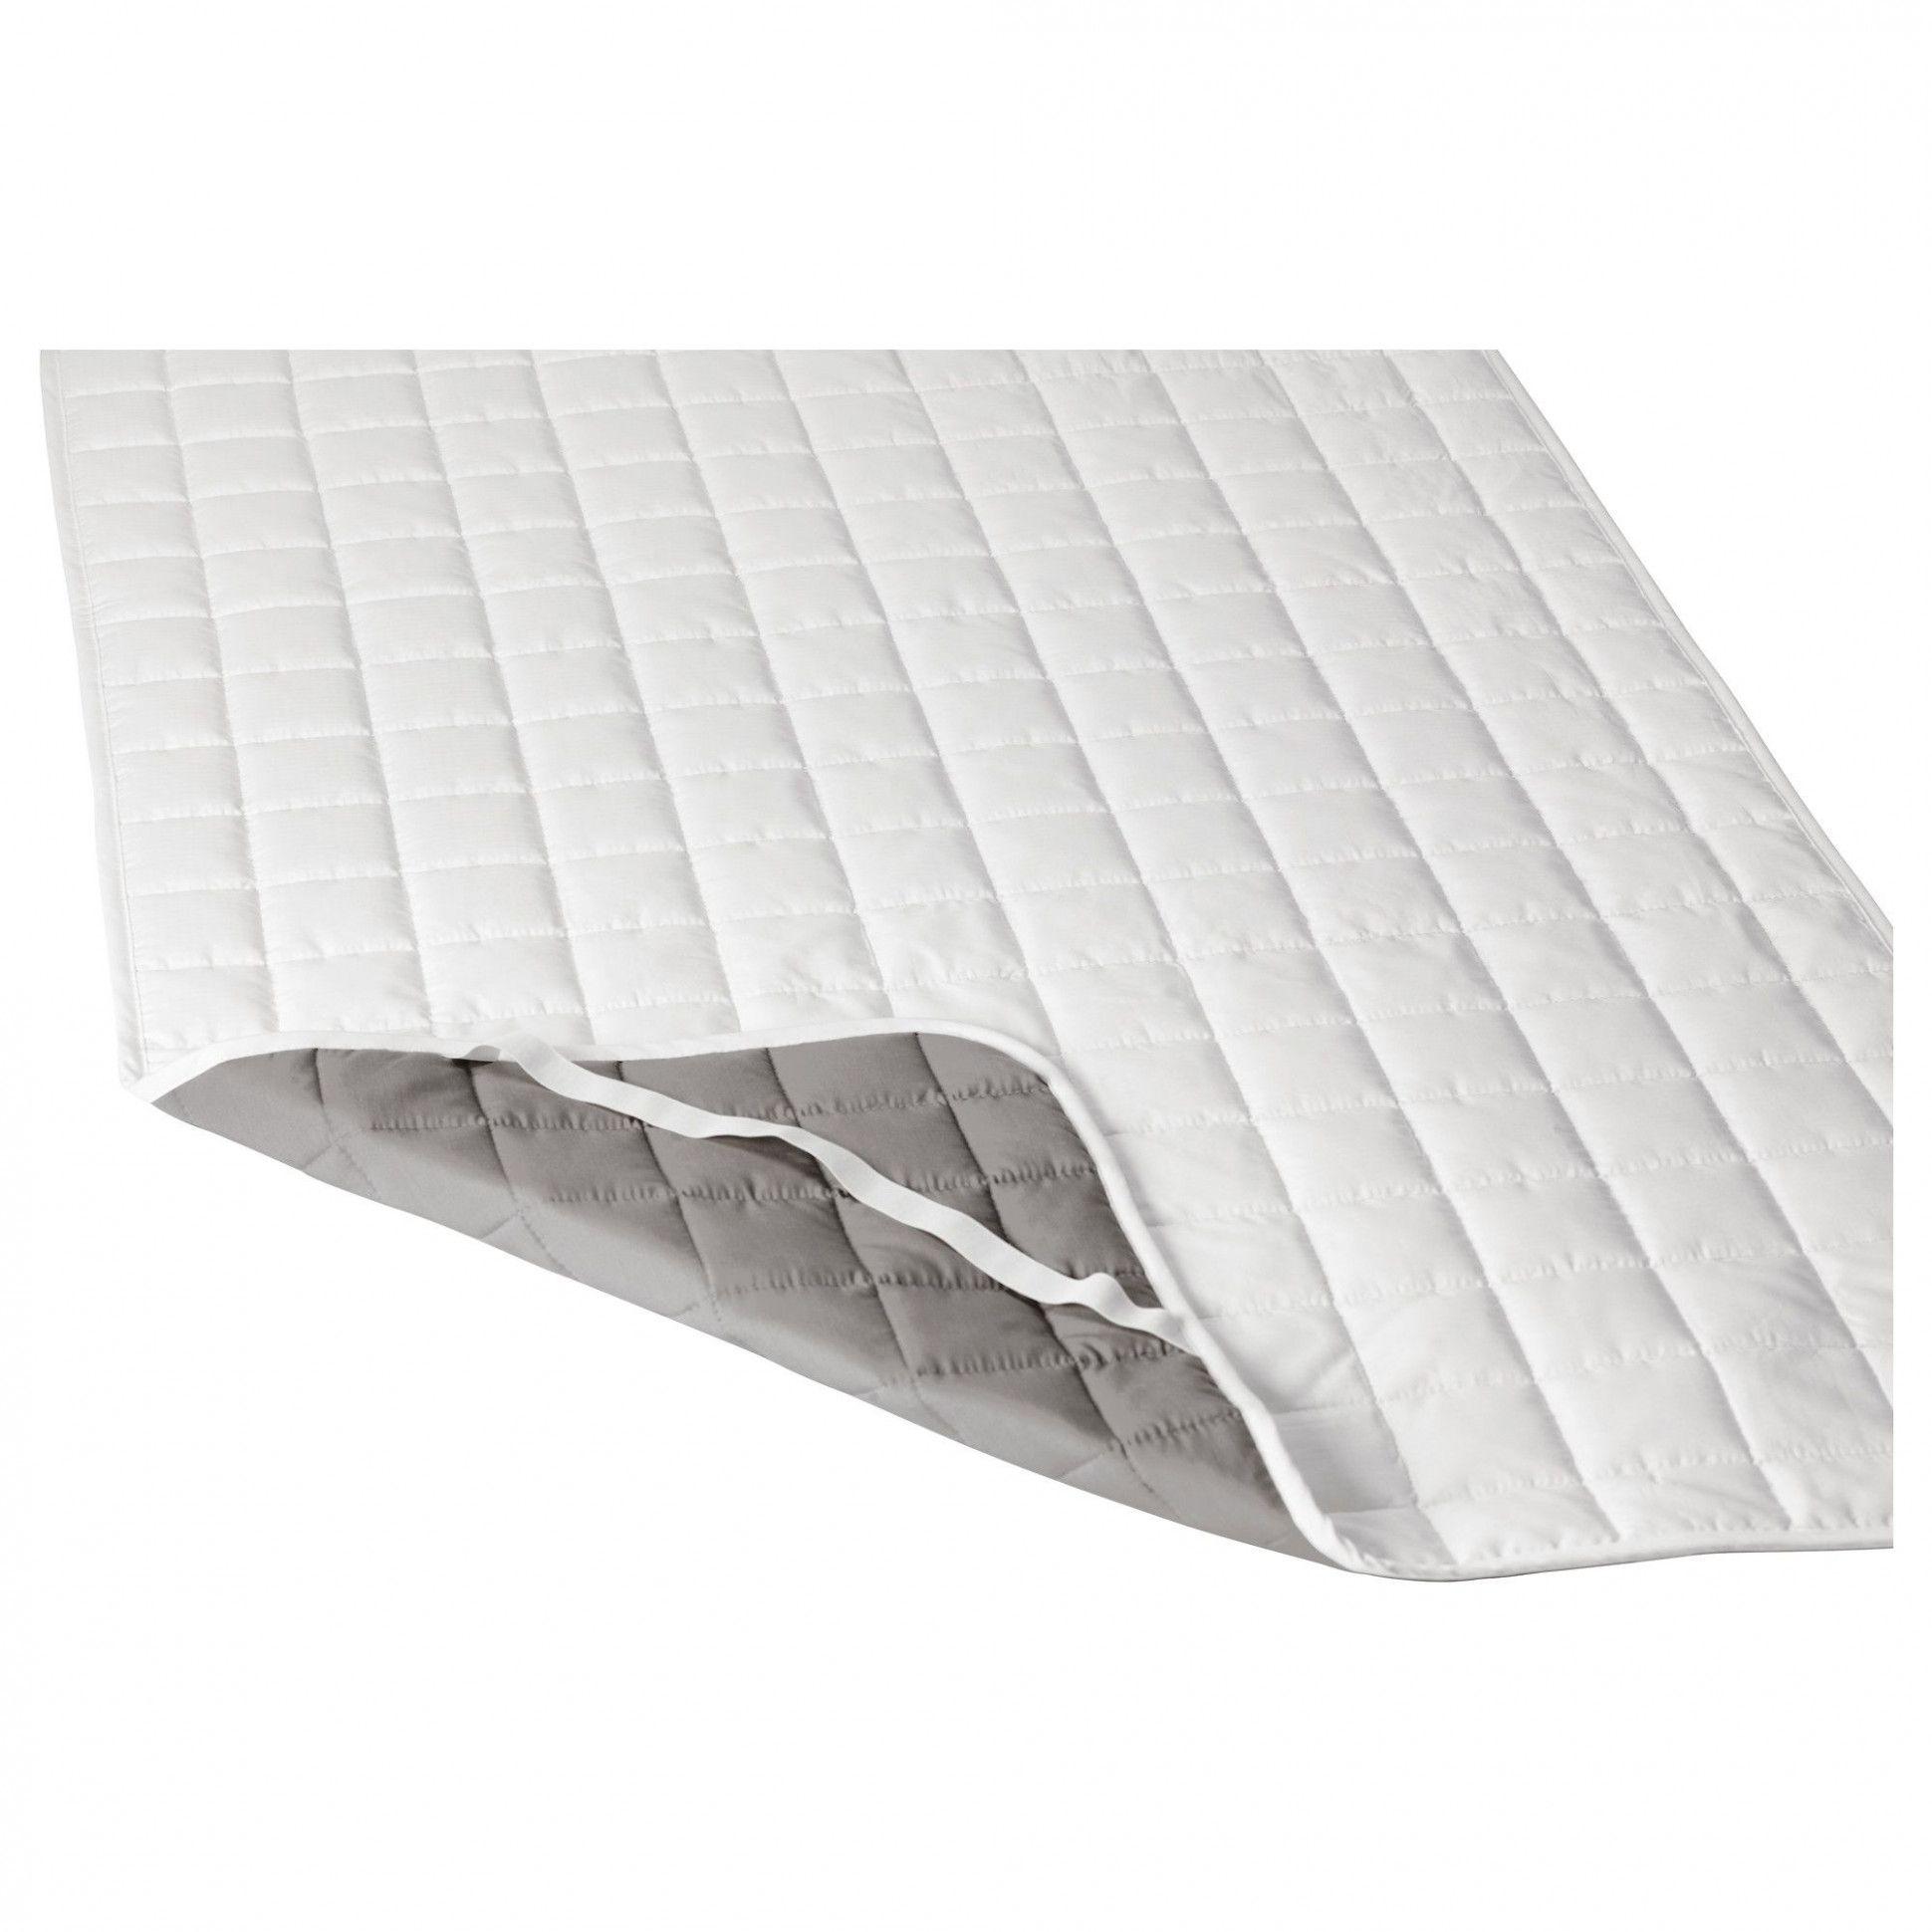 Comment Vous Pouvez Assister A Ikea Colchones De 8 Avec Un Budget Minimal In 2020 Mattress Mattress Protector Bed Linens Luxury